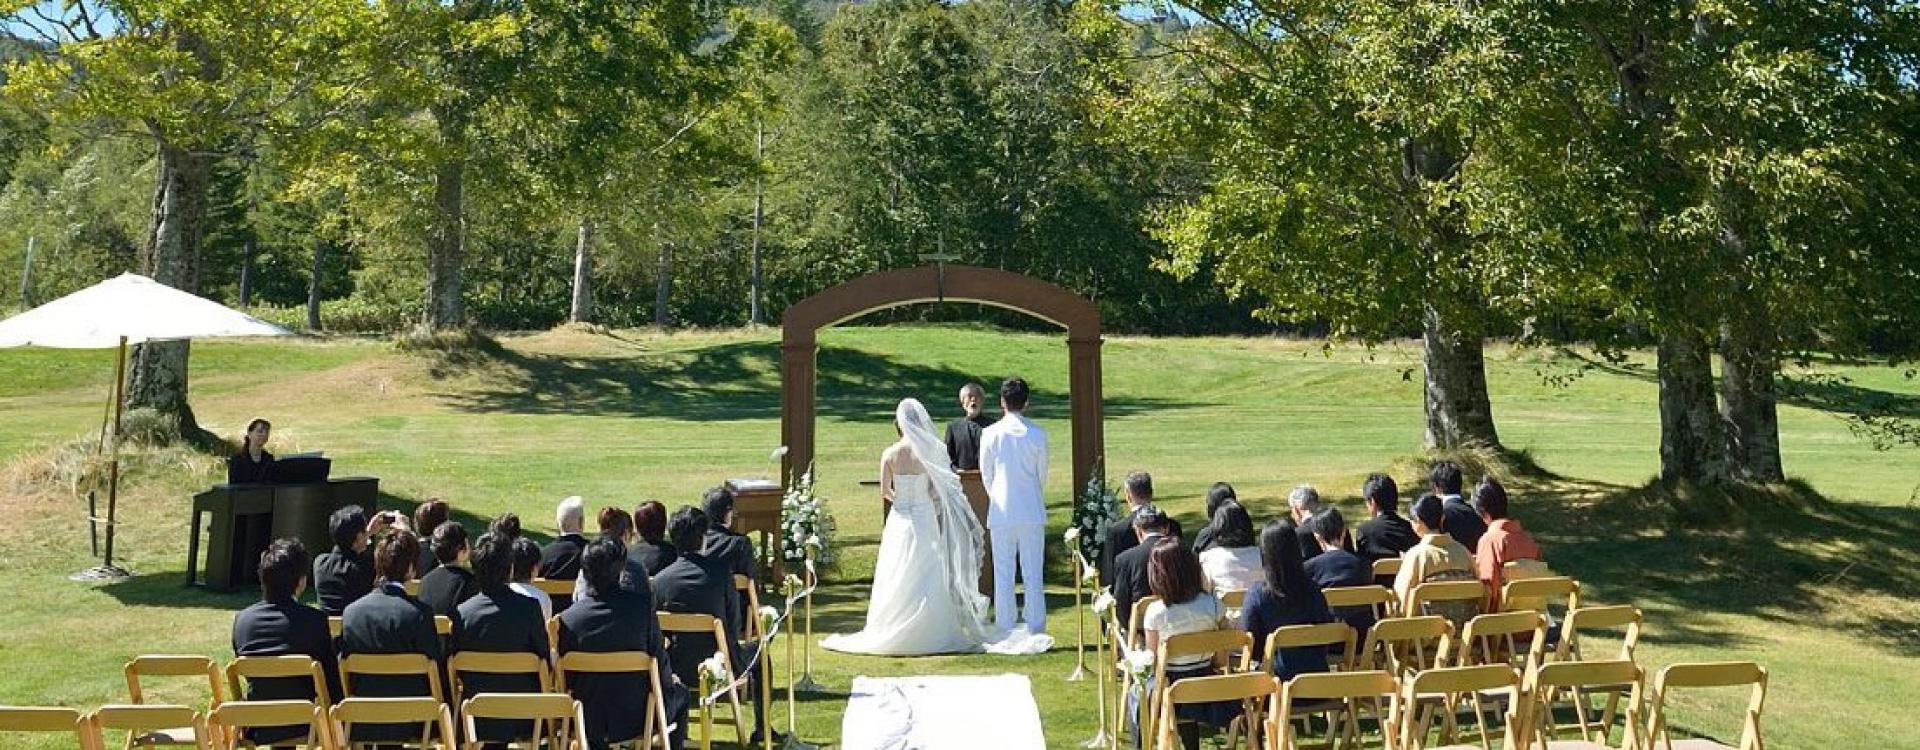 長野エリア『結婚式・結婚式場の一覧』飯綱・野尻・斑尾・志賀エリア